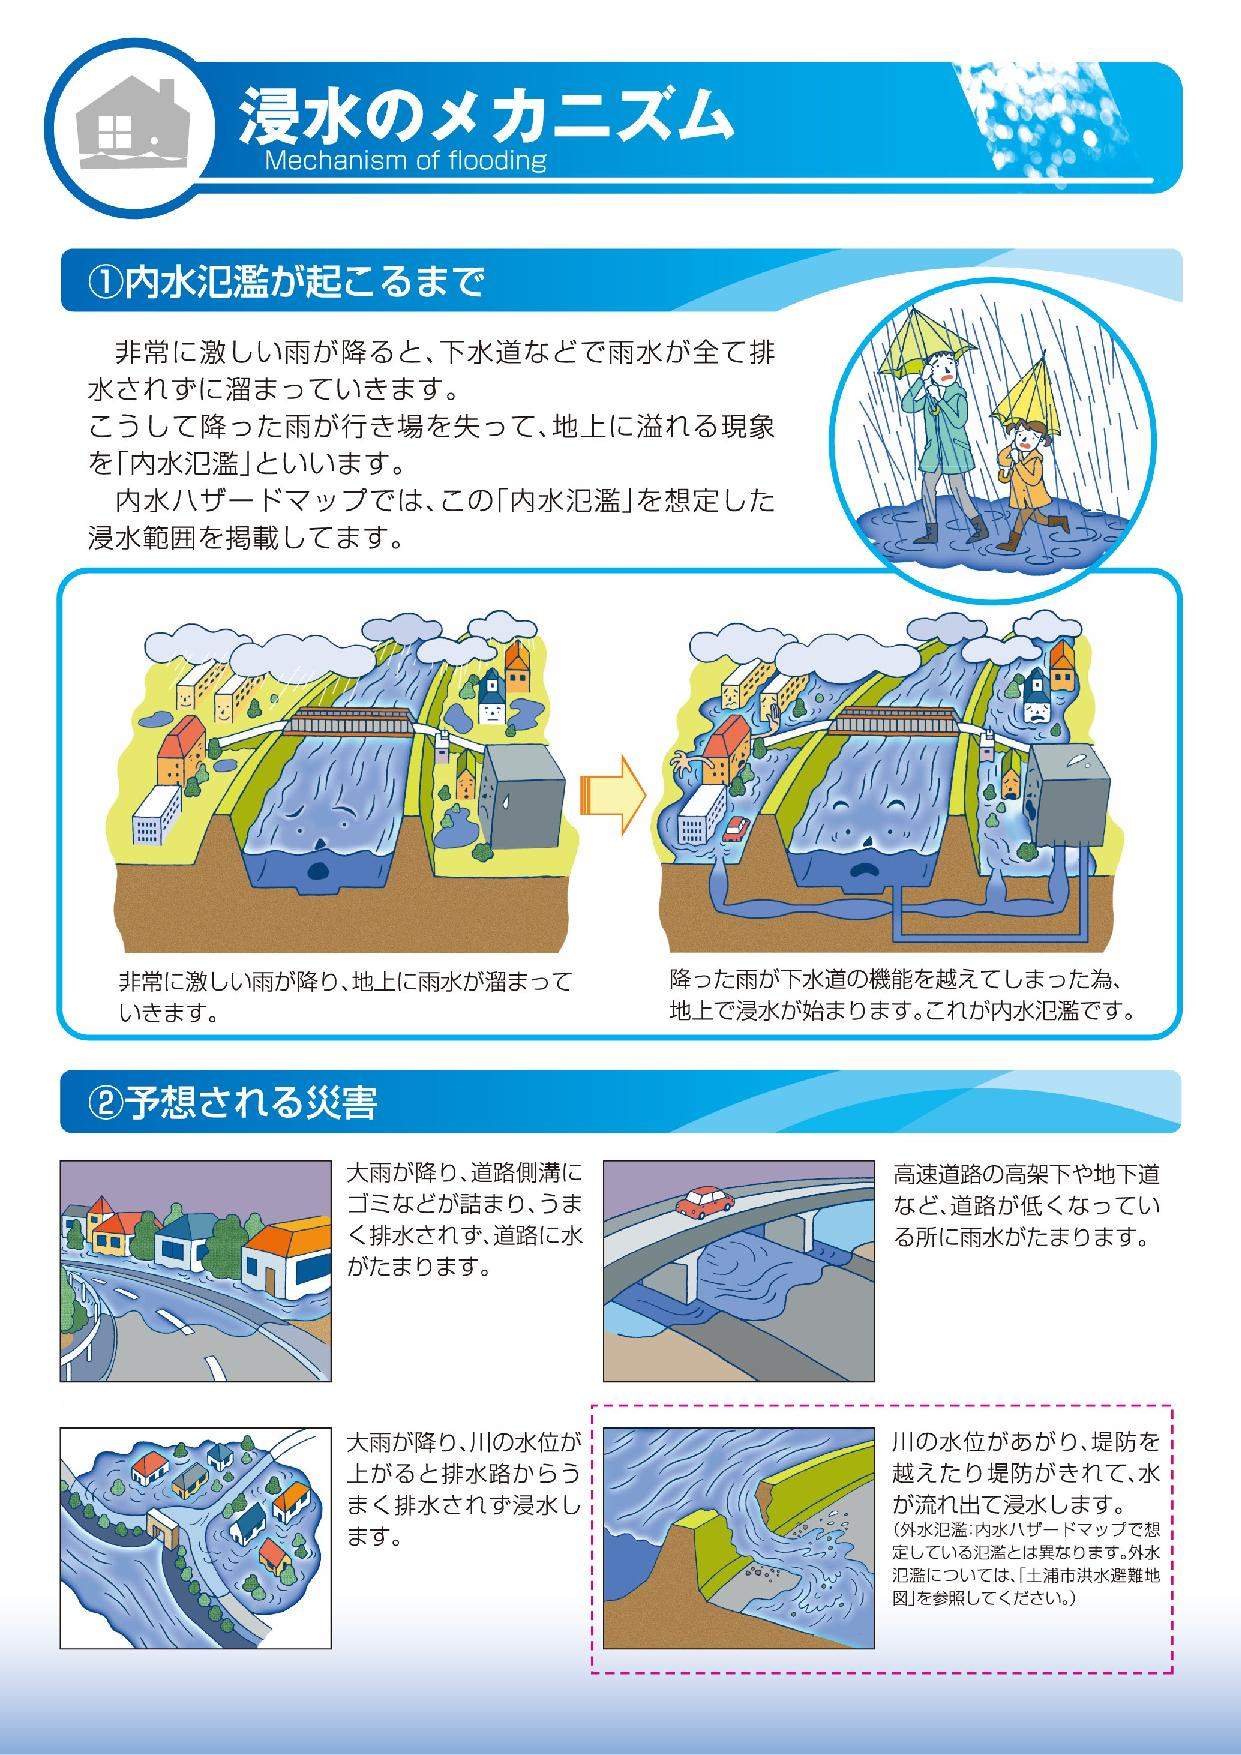 浸水のメカニズム